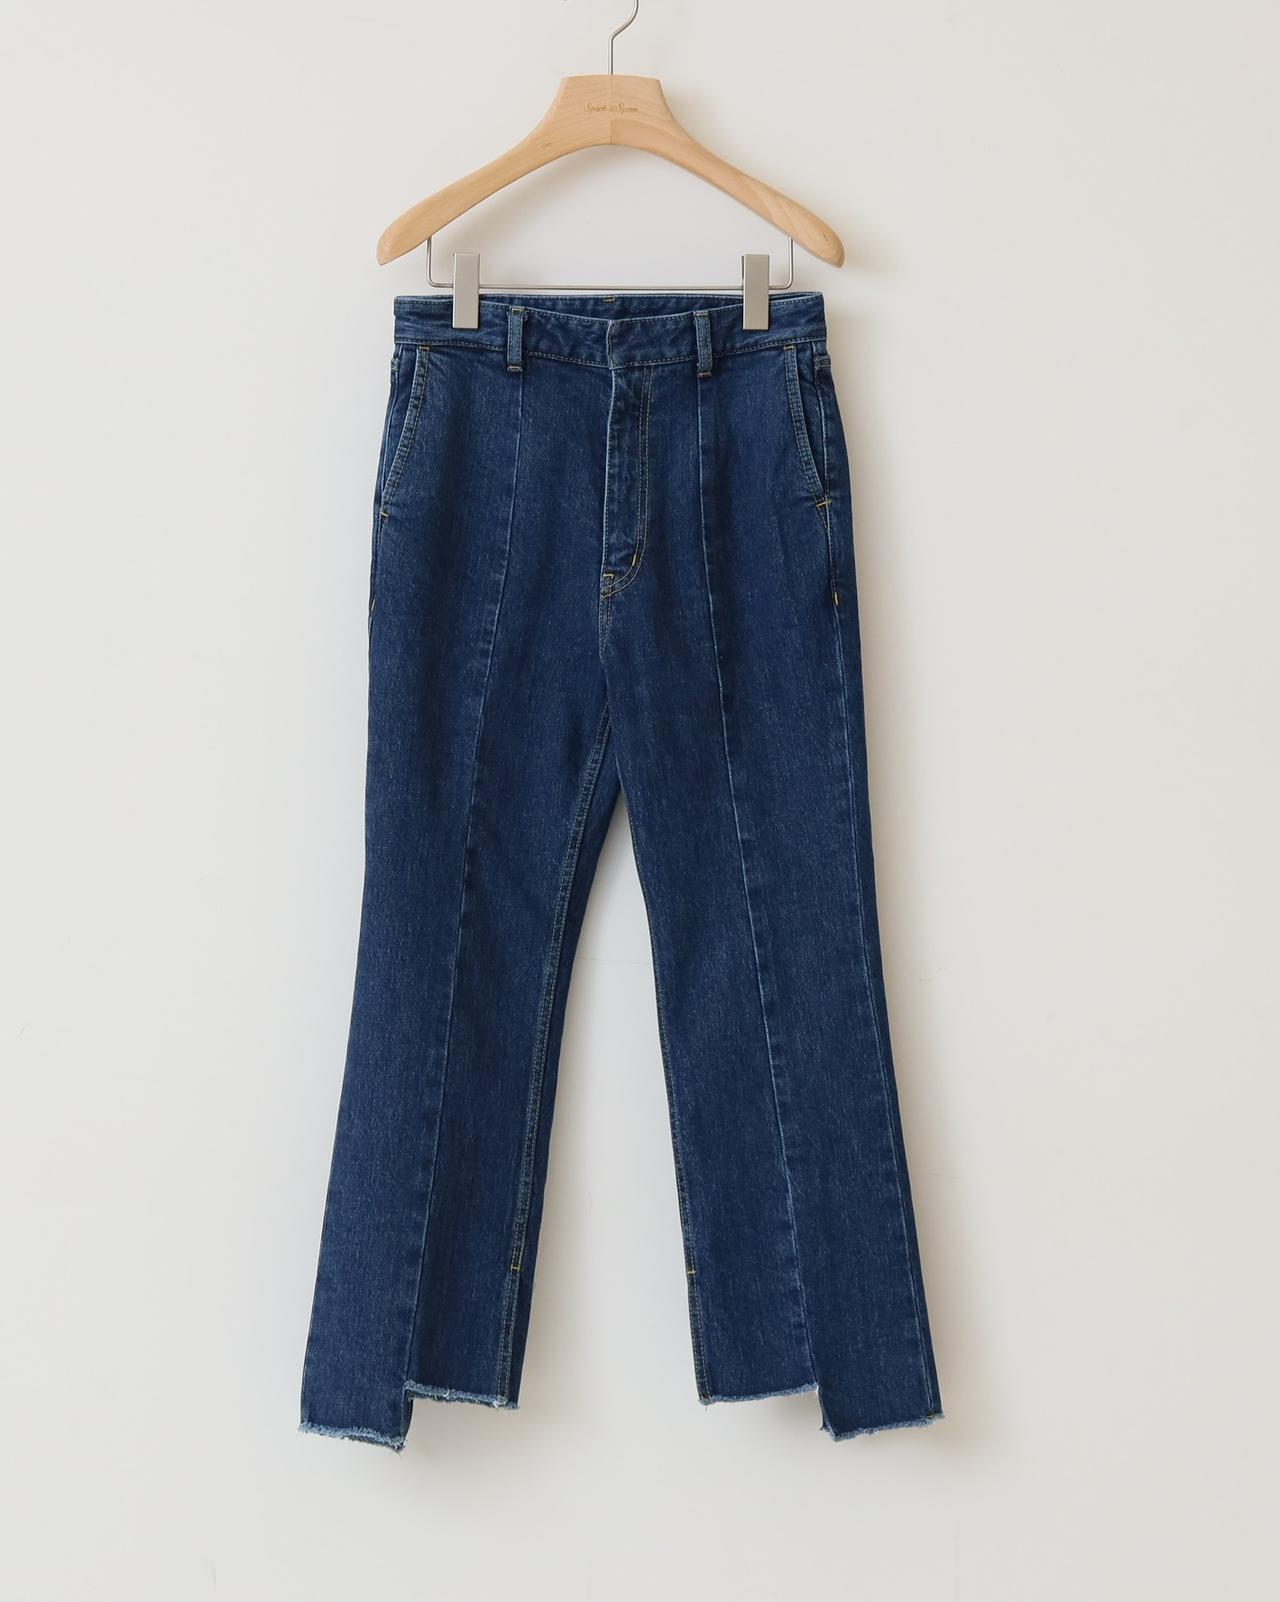 画像: 【5 1/2】クロップドデニム¥15,400(税込) 出典:fashion trend news